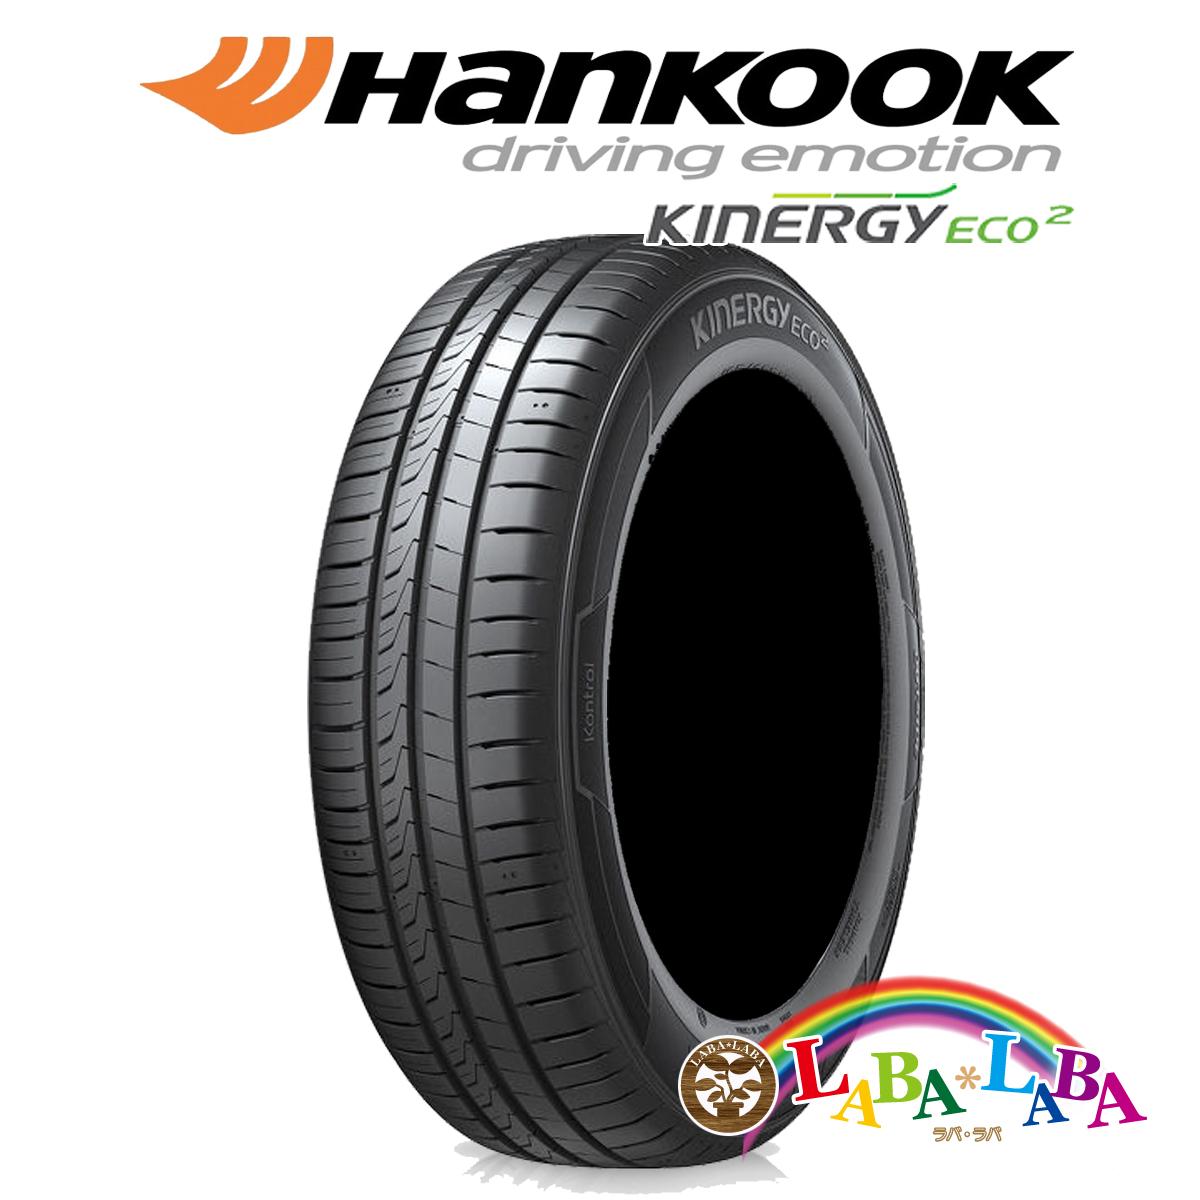 送料無料 輸入タイヤ サマータイヤ 新品 タイヤのみ 2本SET HANKOOK ハンコック Kinergy 96T 2本セット 定番から日本未入荷 キナジー K435 お買い得 2 Eco エコ 205 70R15